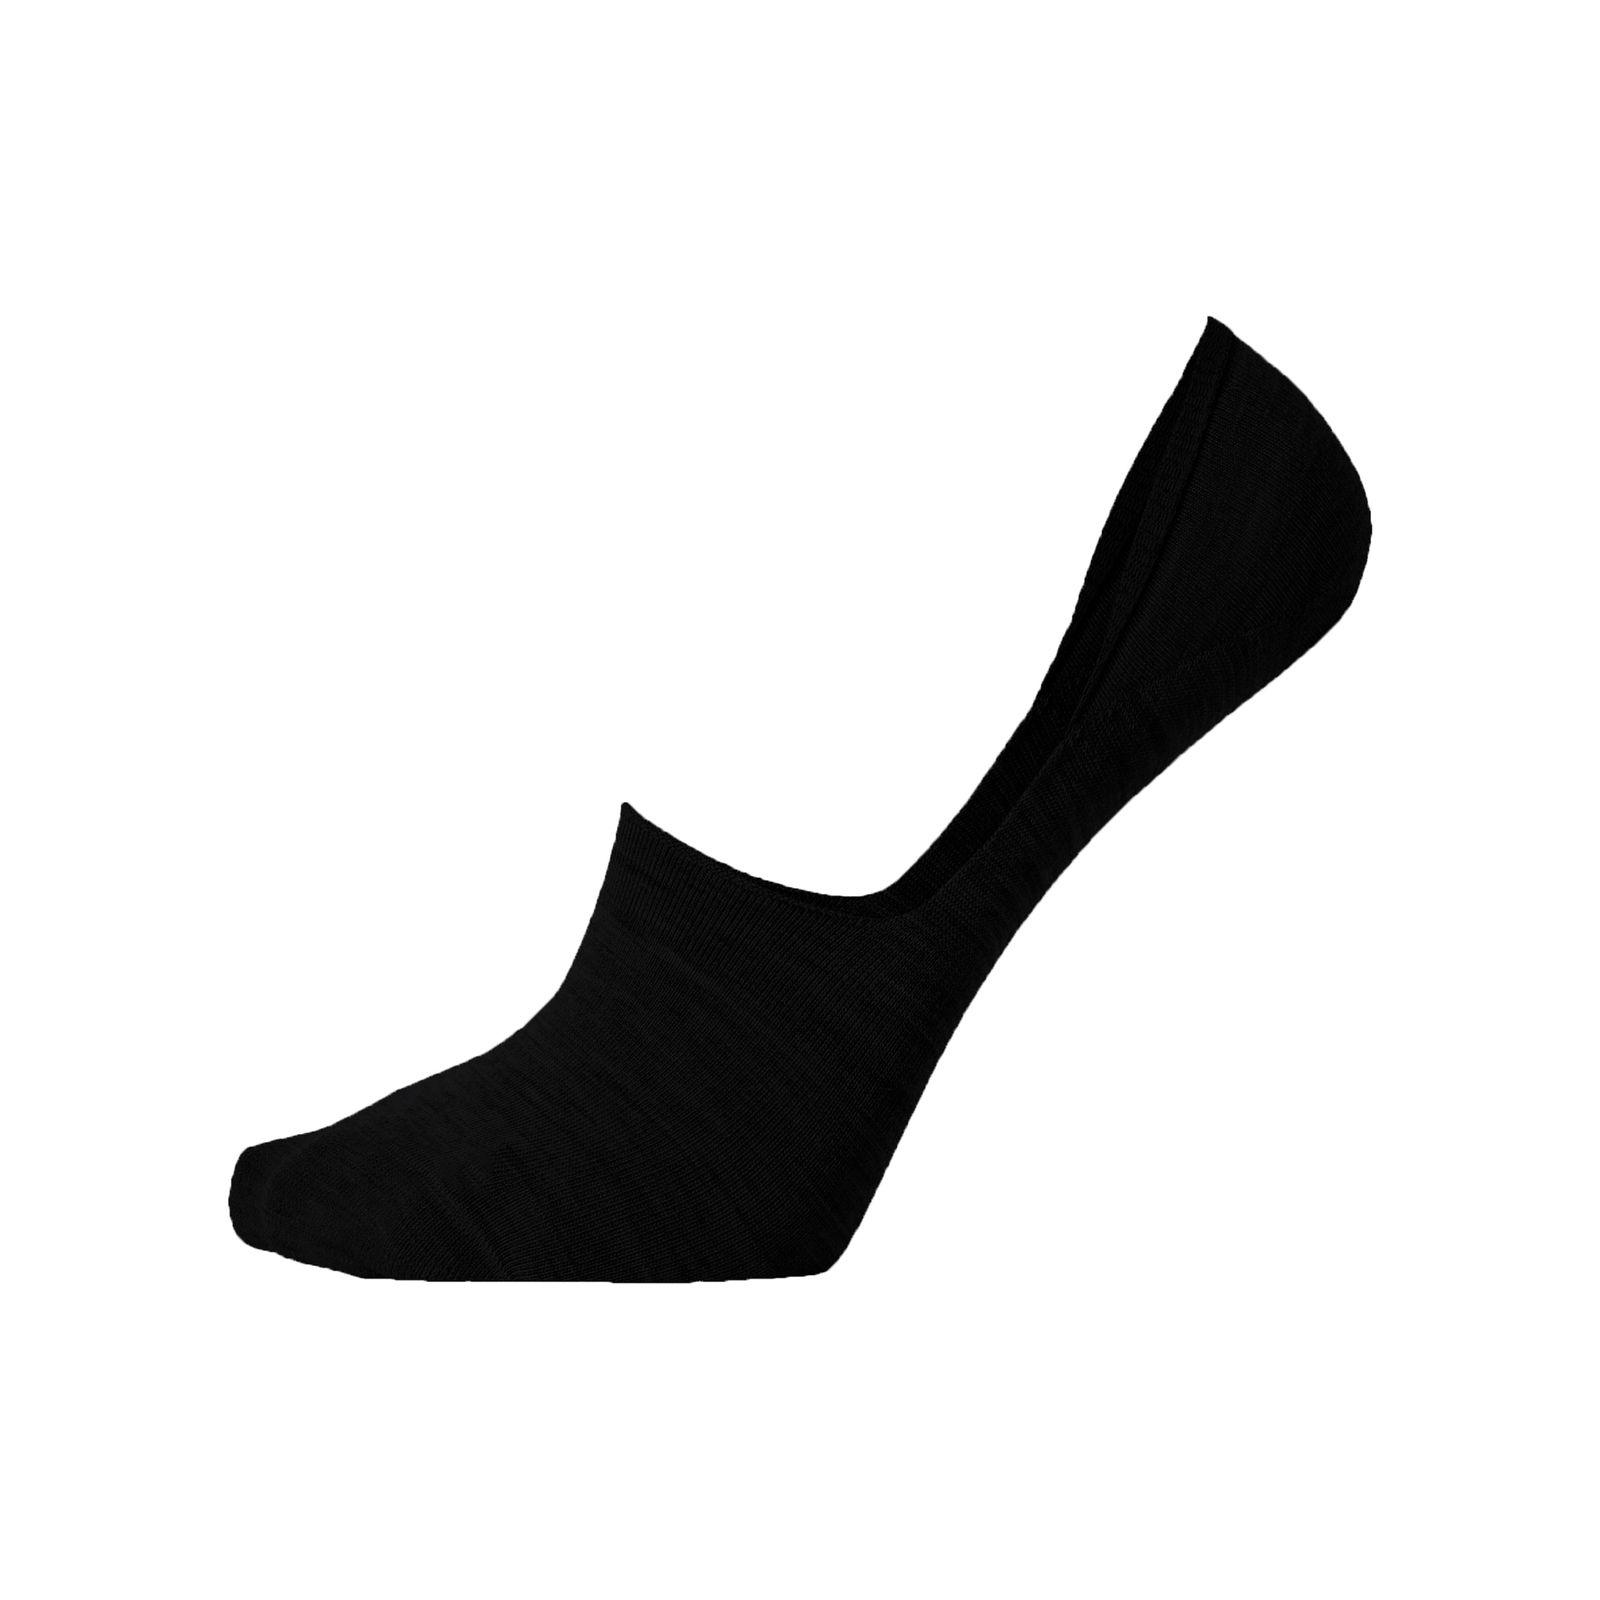 جوراب زنانه مستر جوراب کد BL-MRM 255 بسته 8 عددی -  - 3